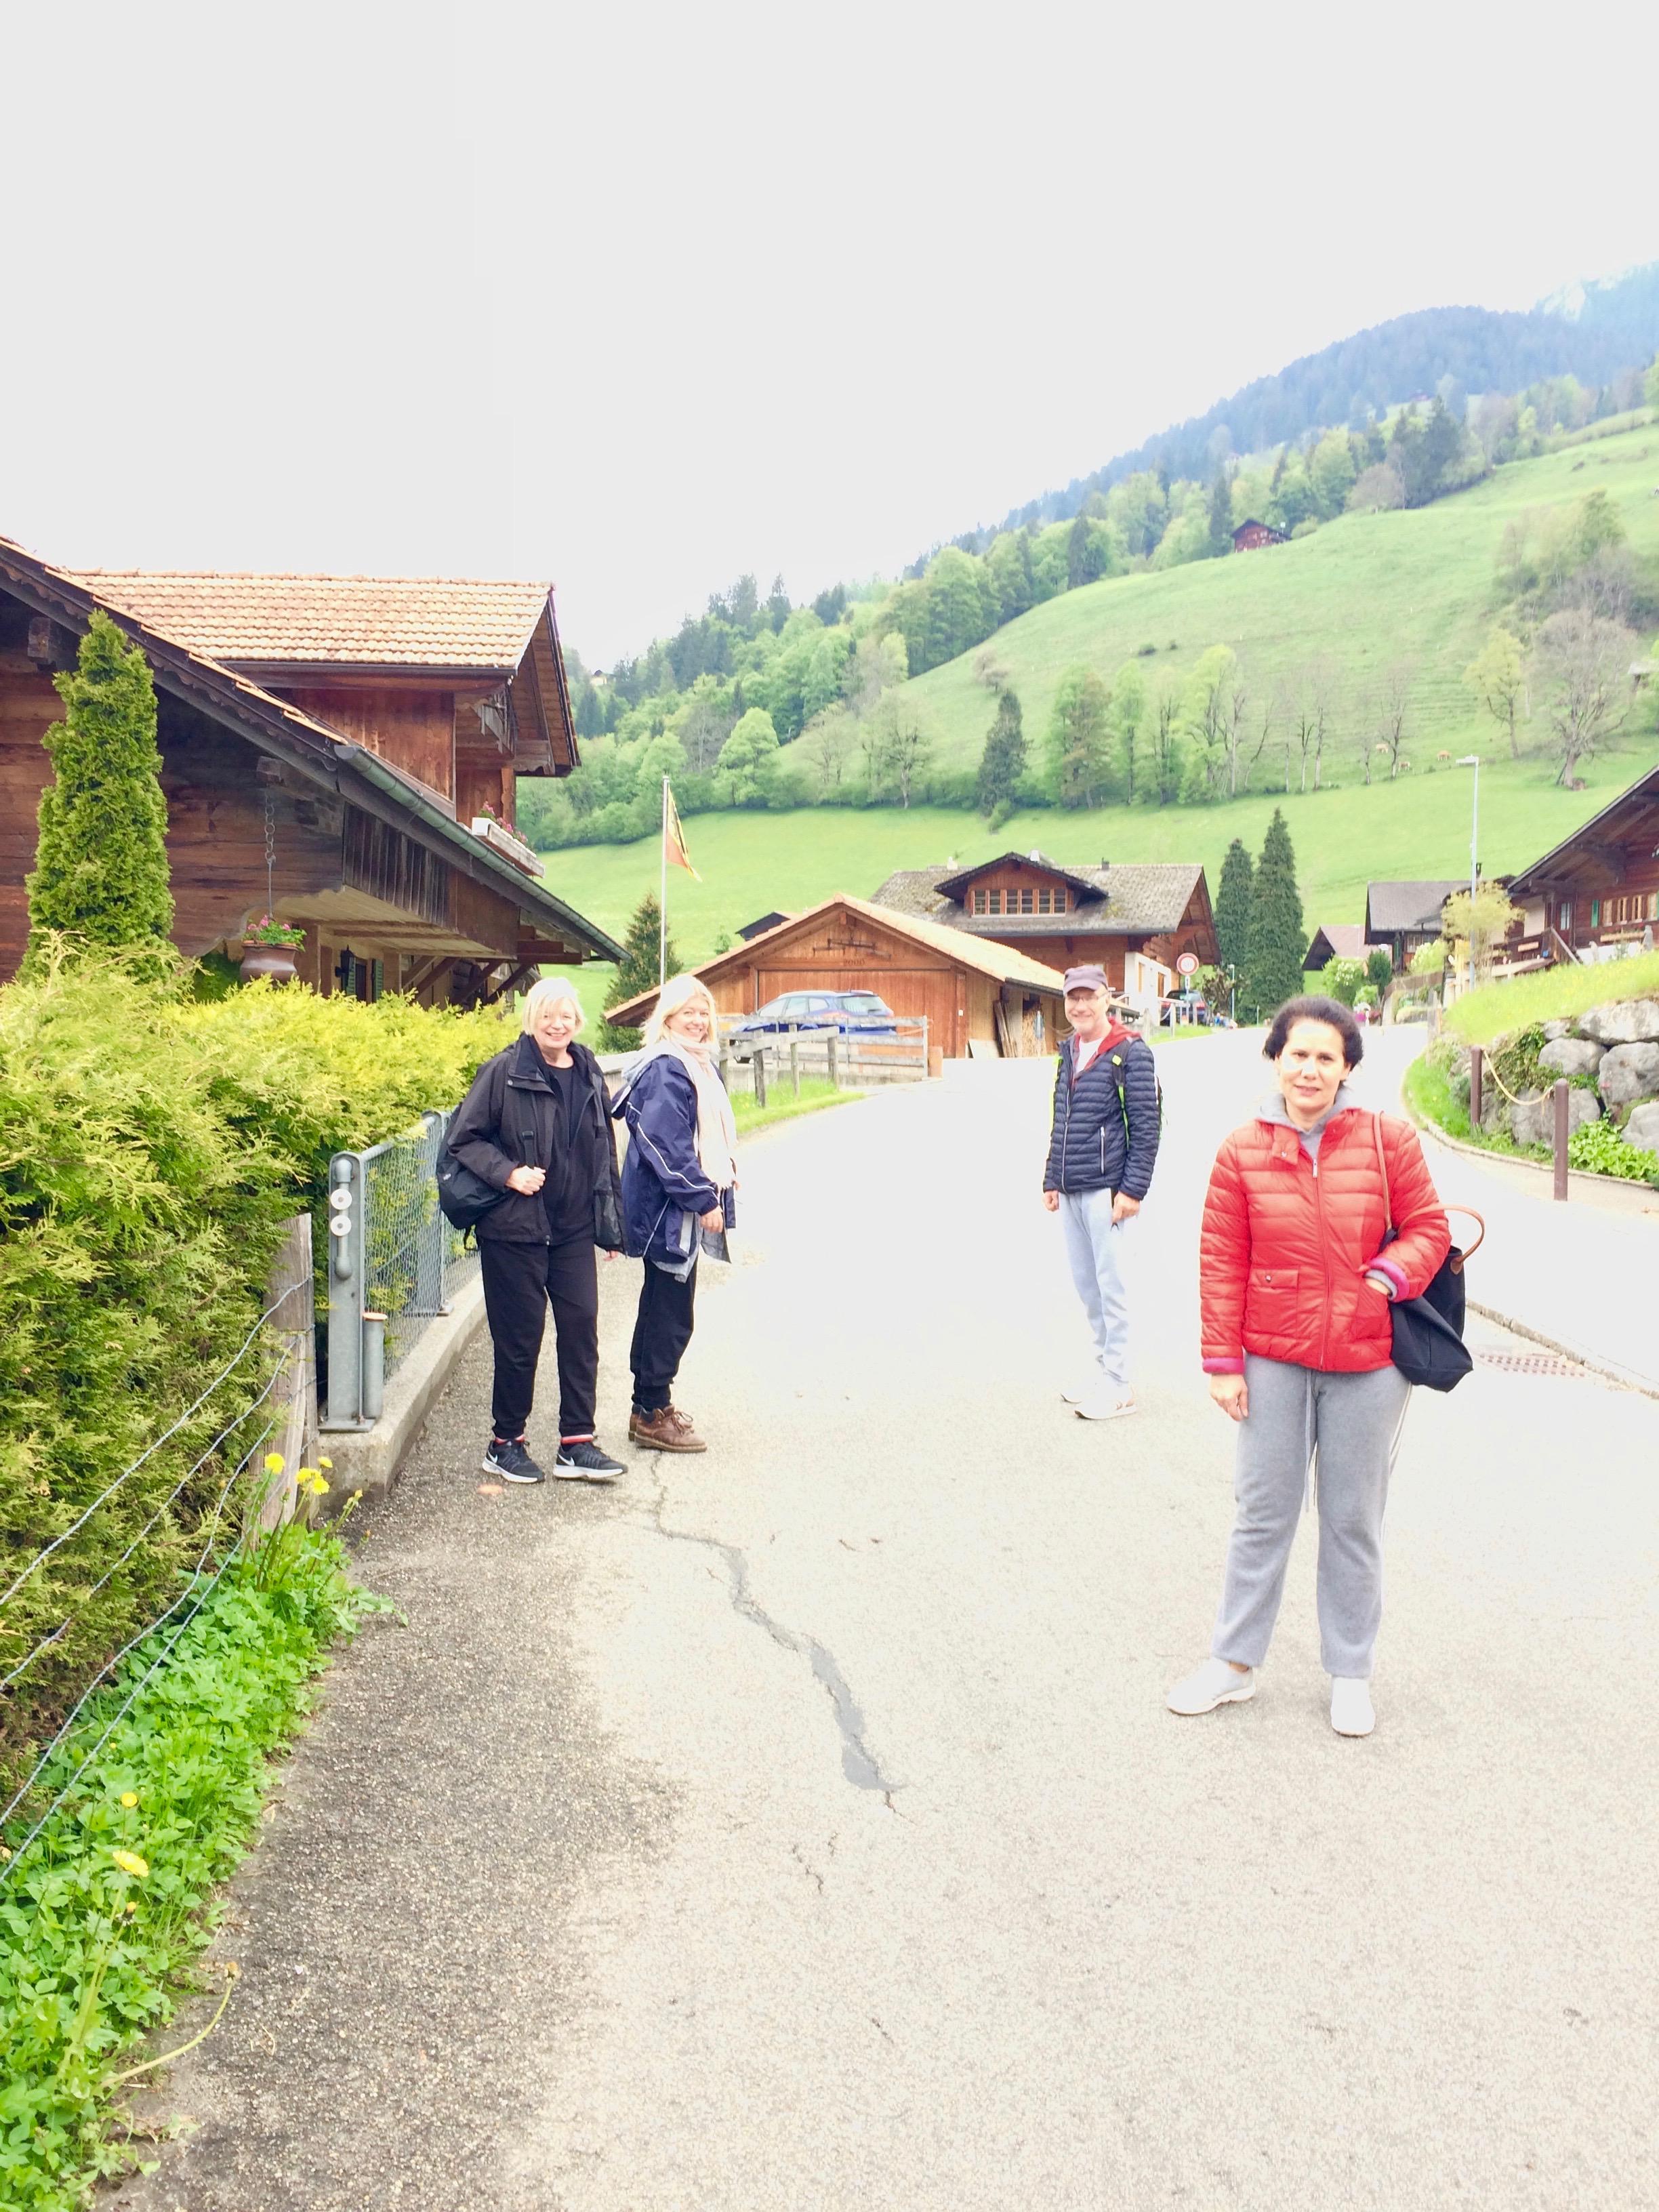 Kientalerhof